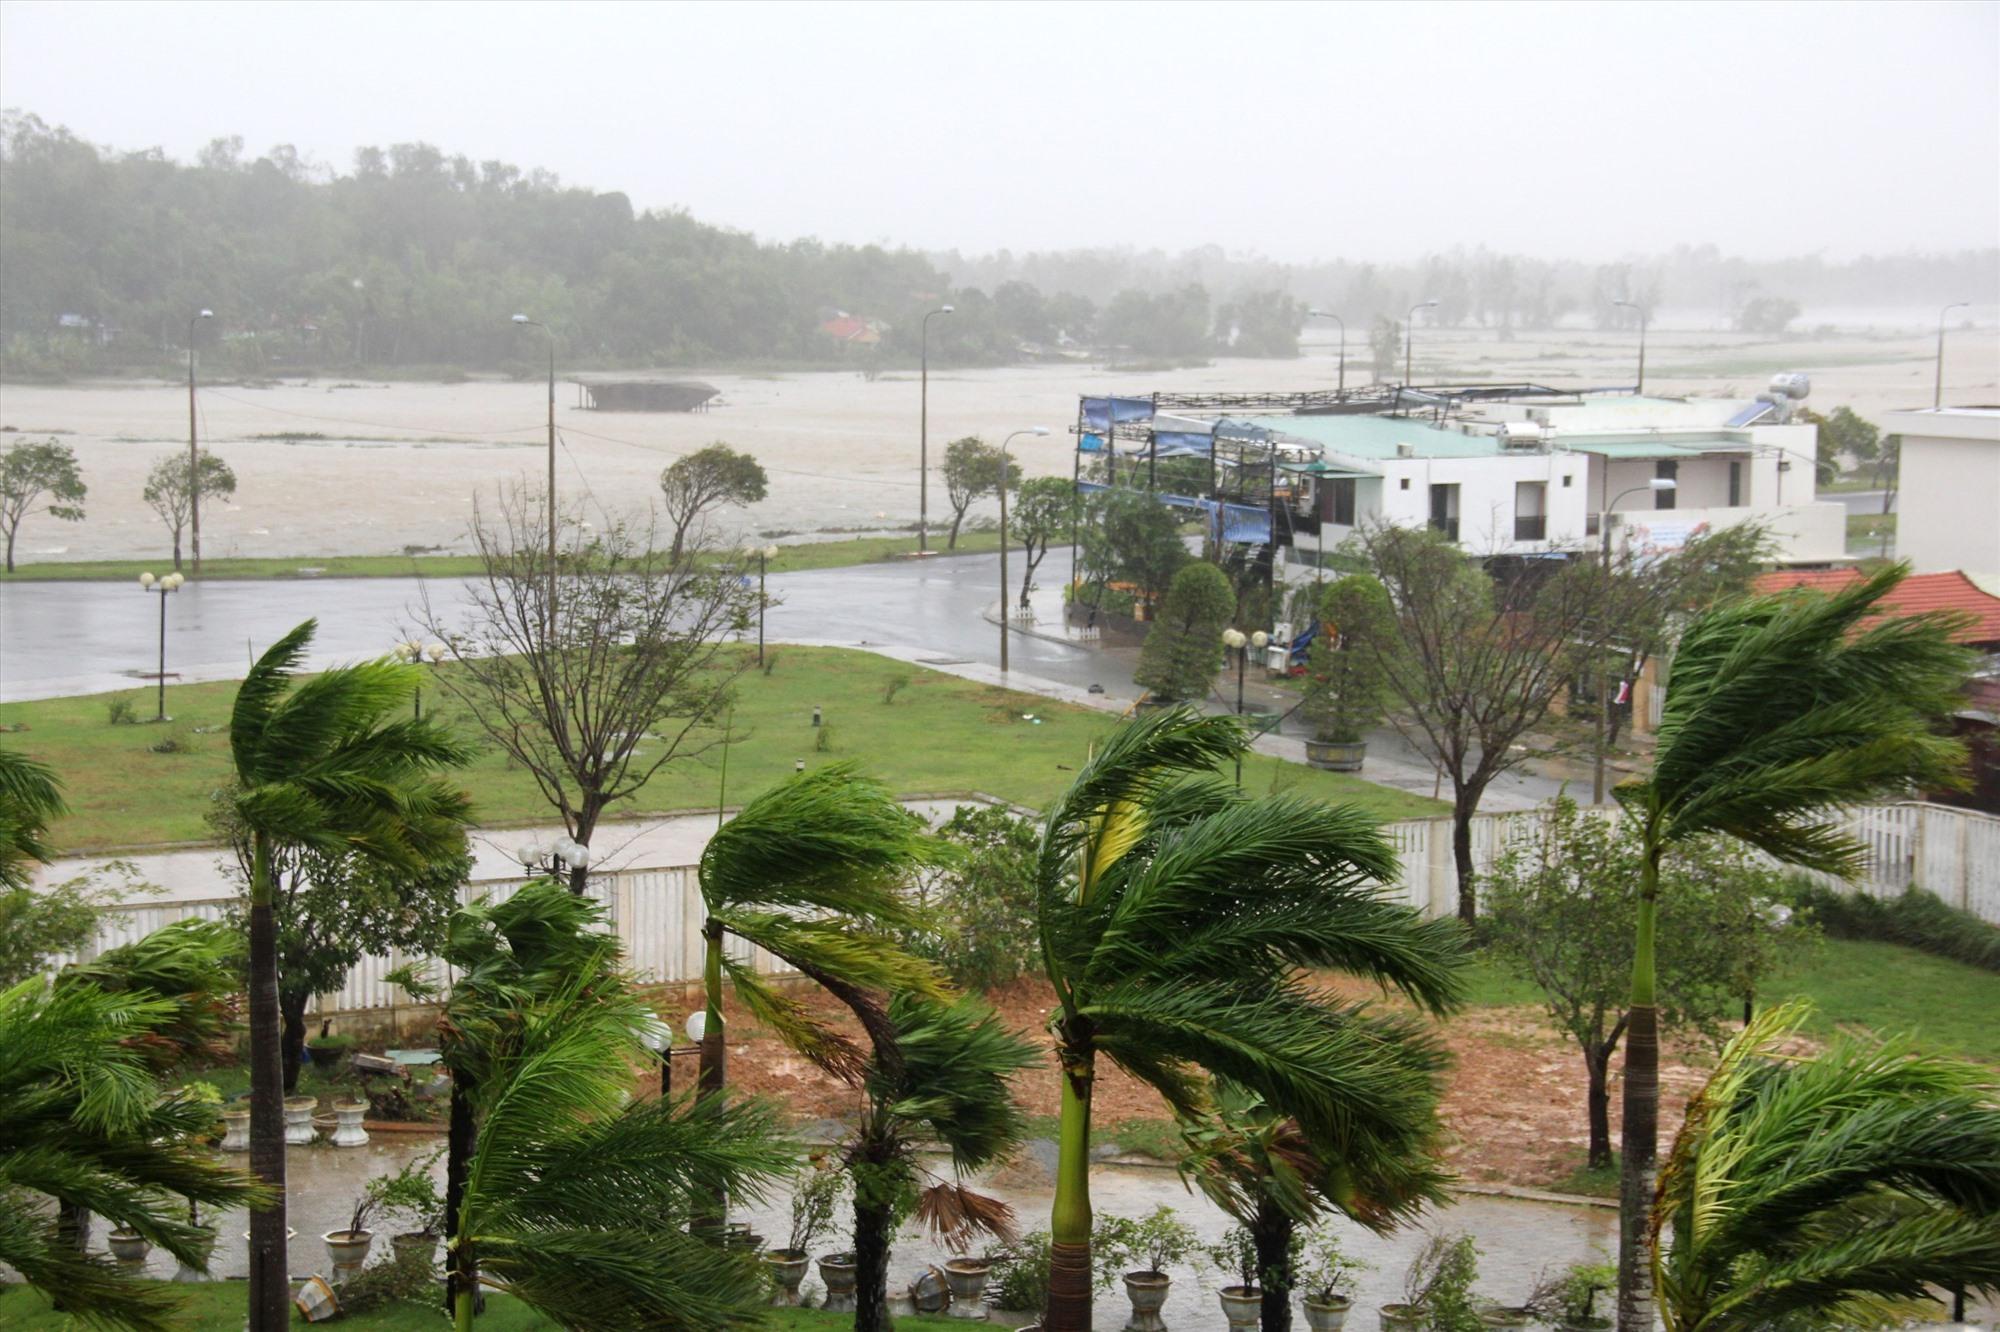 Gió mạnh khiến hàng dừa cảnh trước khách sạn Bàn Thạch bị xiêu vẹo